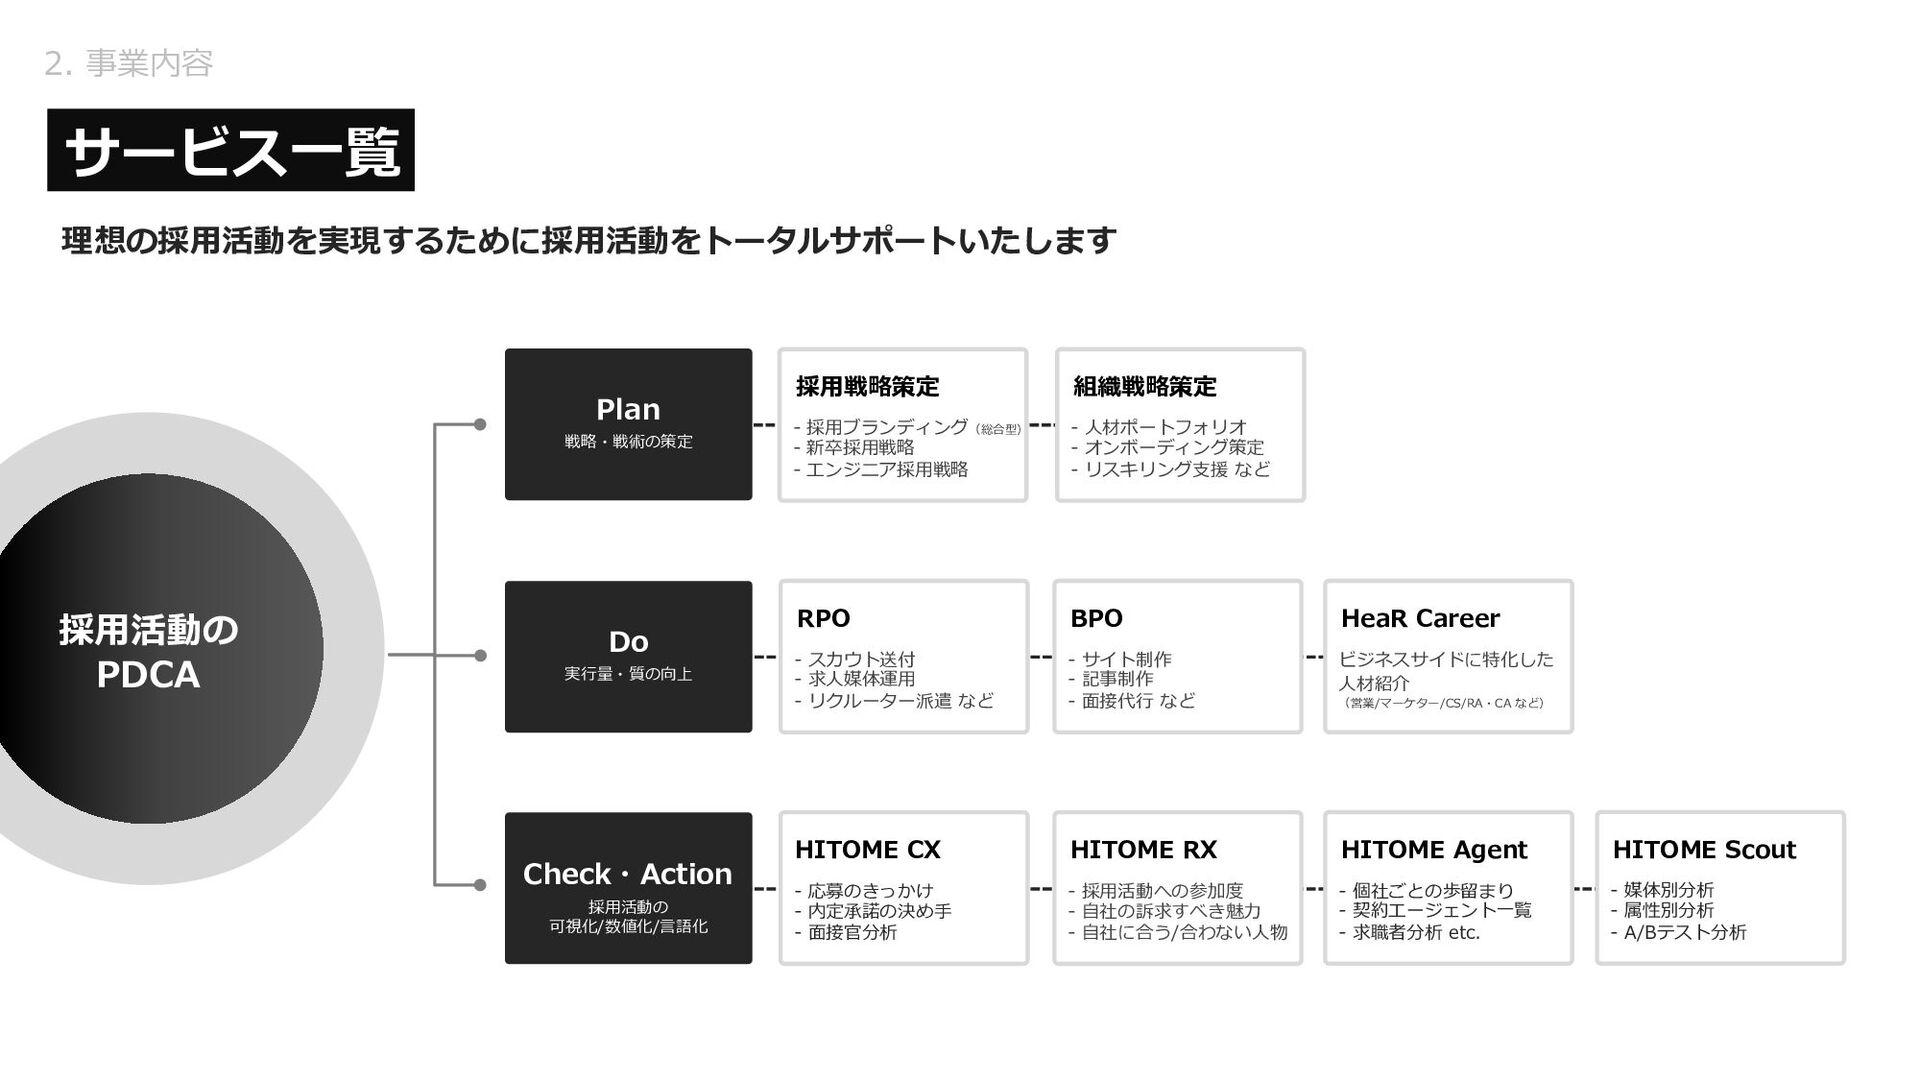 2. 事業紹介 - 採⽤DX 多様性と多層性を組み合わせた⽀援 企業変⾰(トランスフォーメーシ...